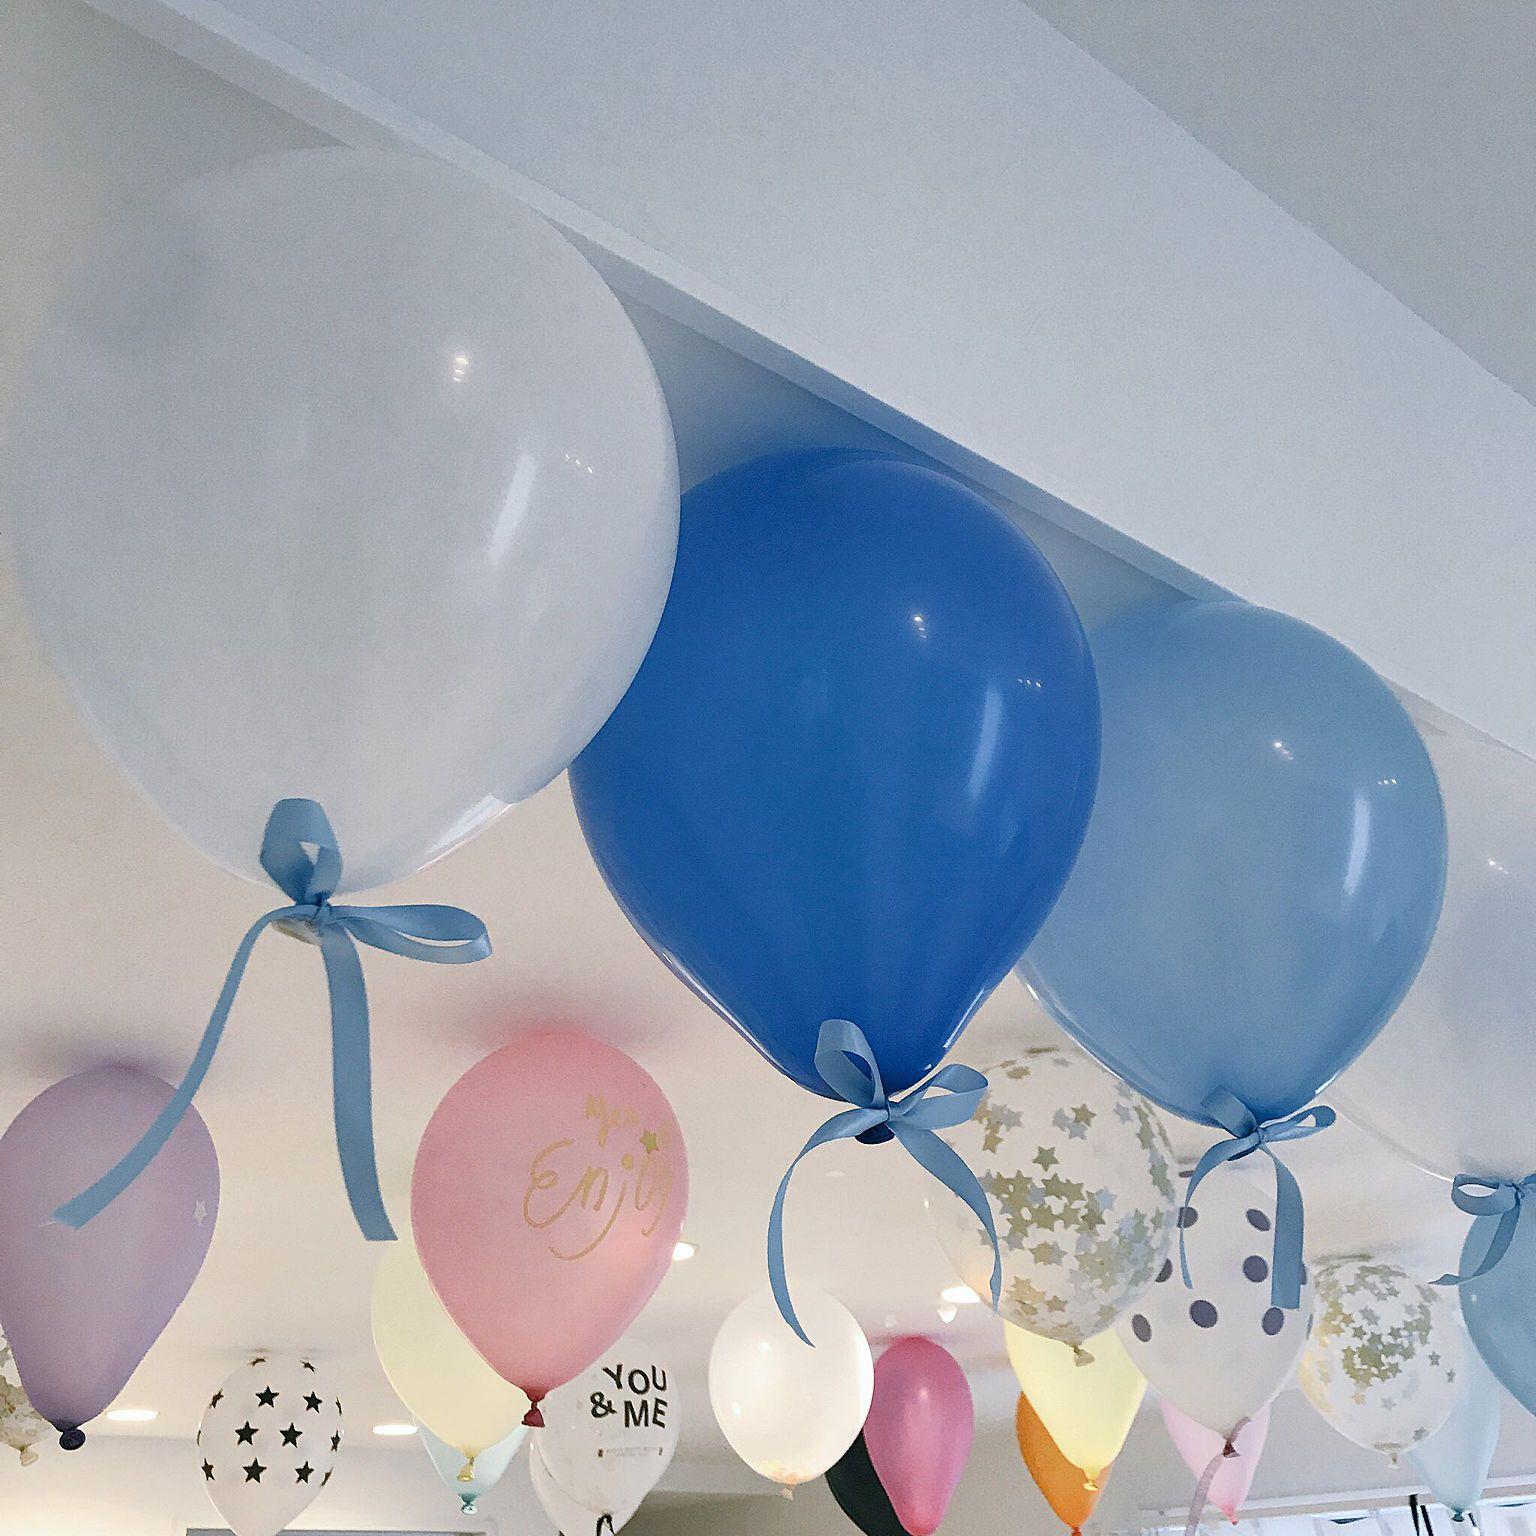 壁 天井 ダイソー 風船 誕生日飾り付け 誕生日 などのインテリア実例